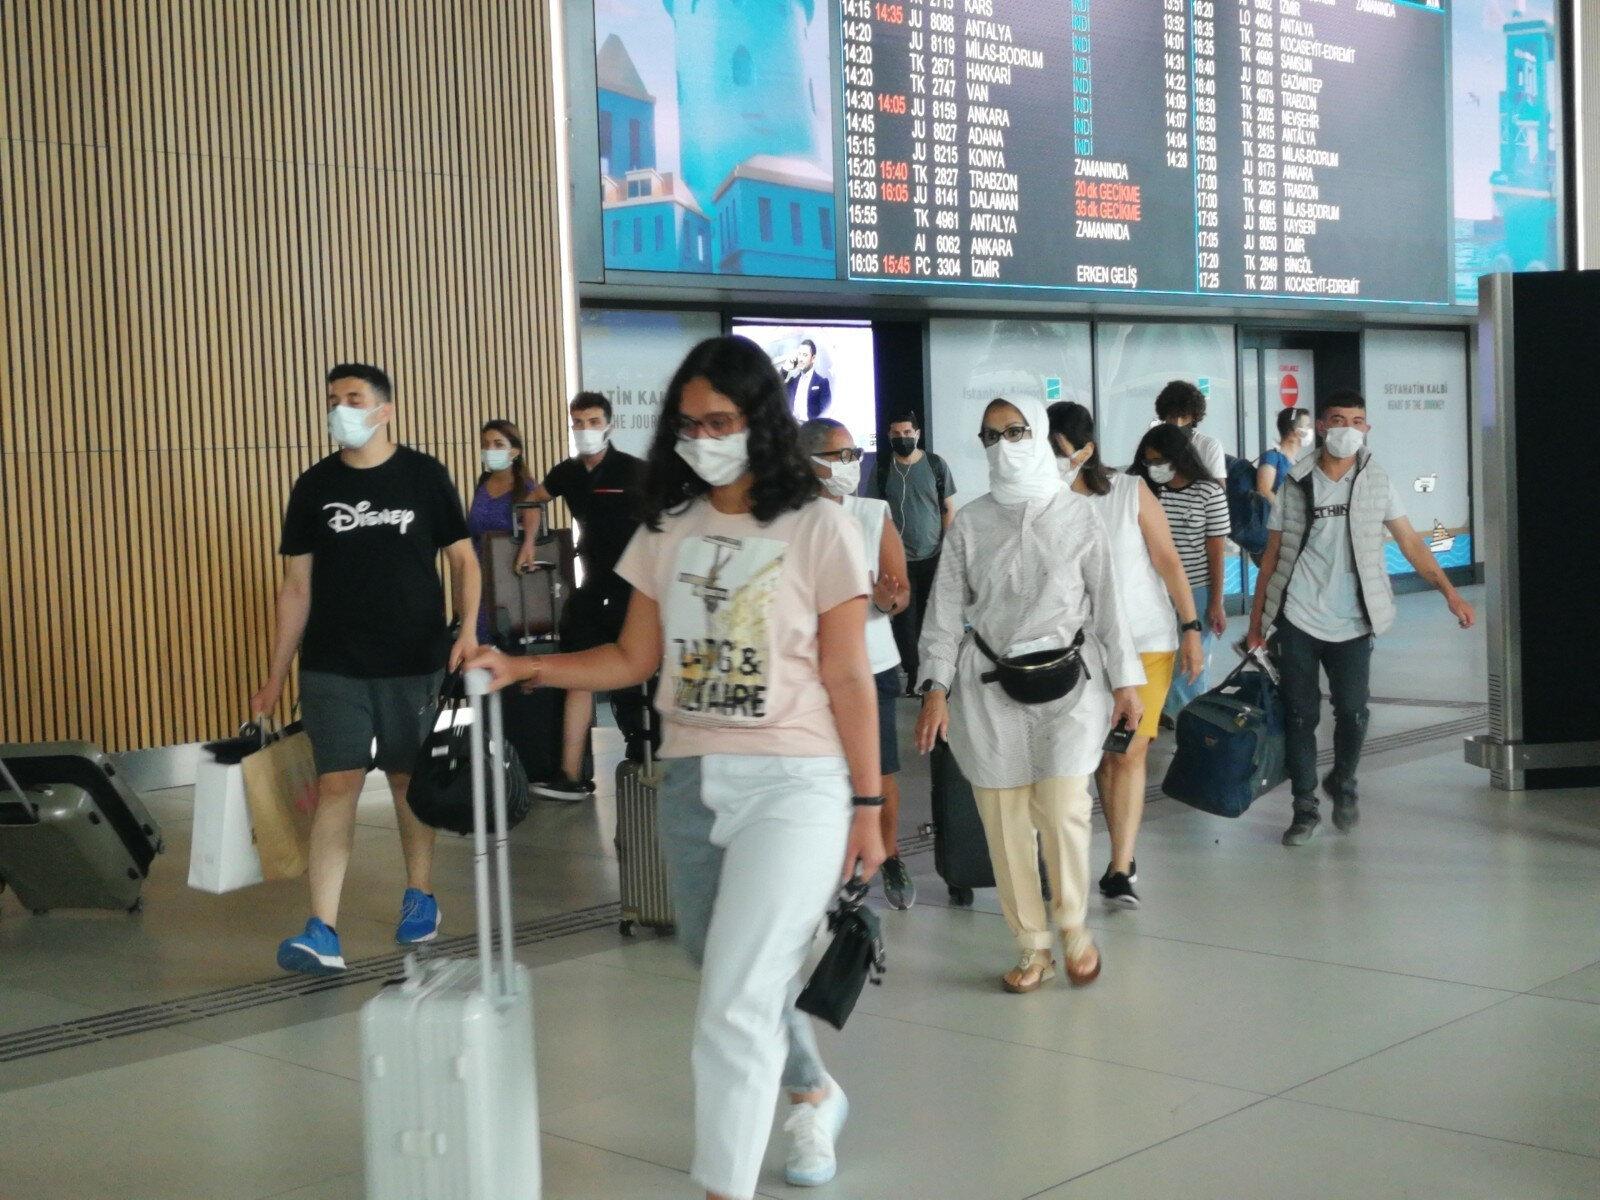 Bugün gidiş ve geliş olmak üzere yaklaşık 150 bin yolcunun İstanbul Havalimanı'ndan seyahat etmesi bekleniyor.